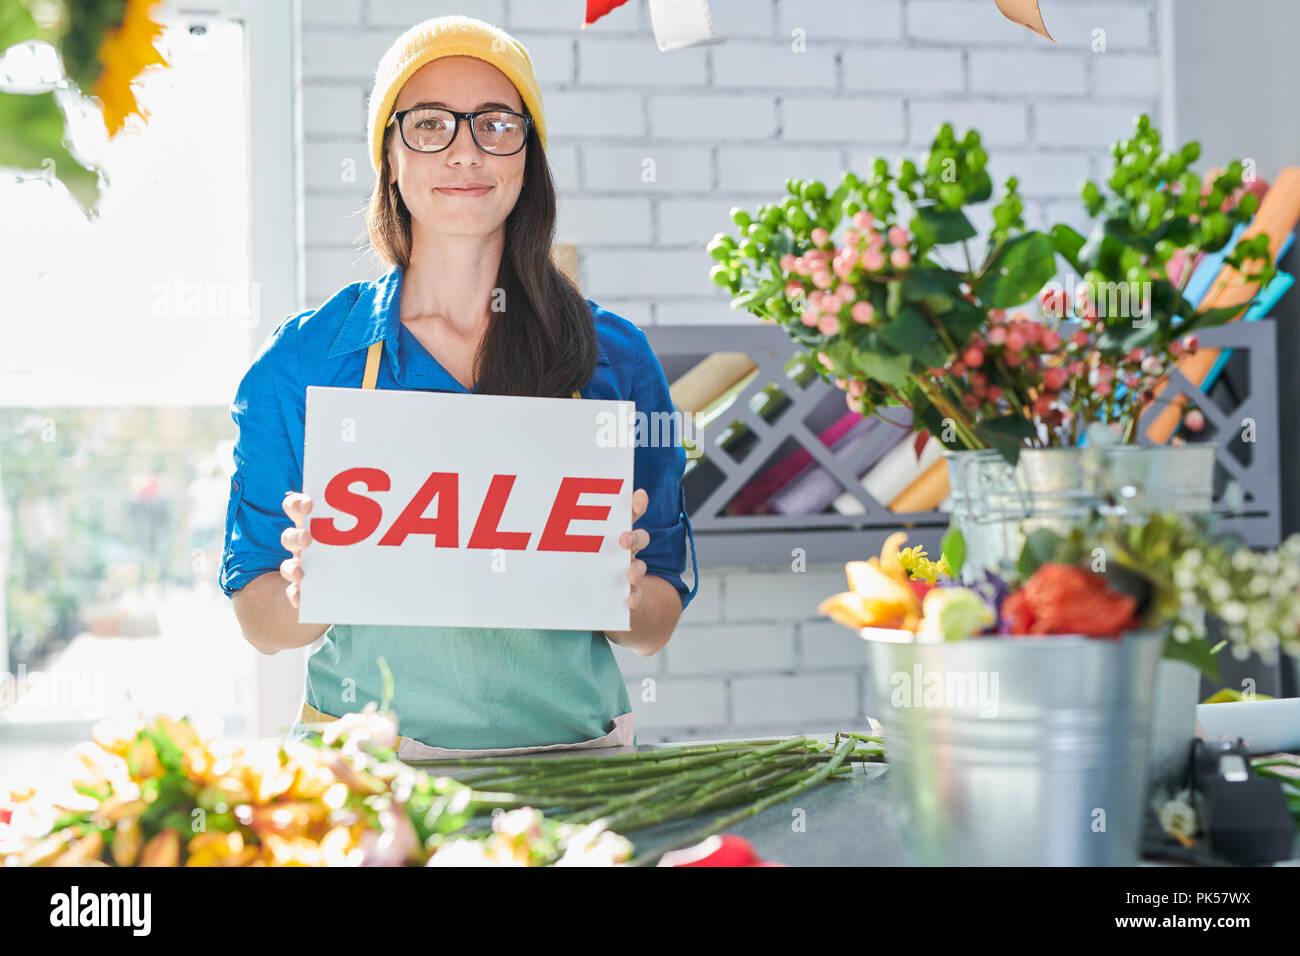 Flower Shop Sale Announcement - Stock Image